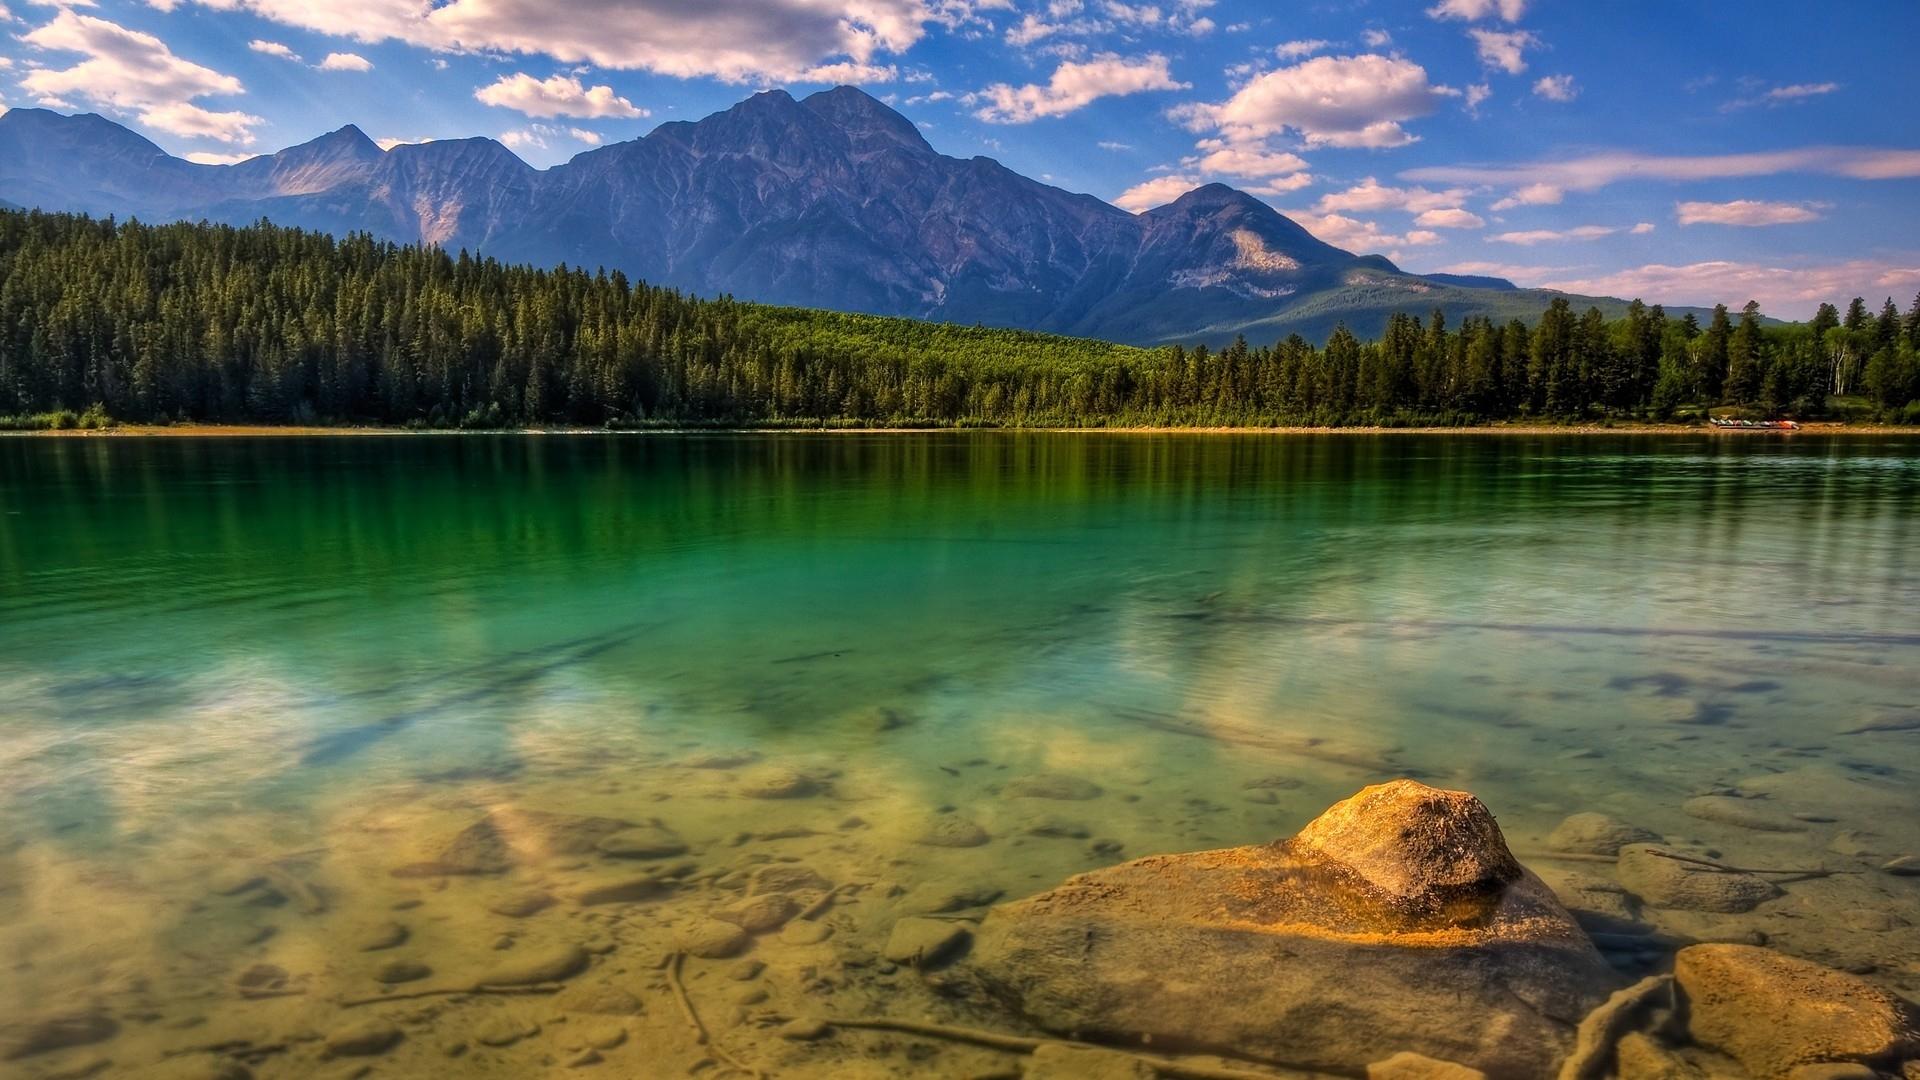 24090 скачать обои Пейзаж, Река, Деревья, Горы - заставки и картинки бесплатно